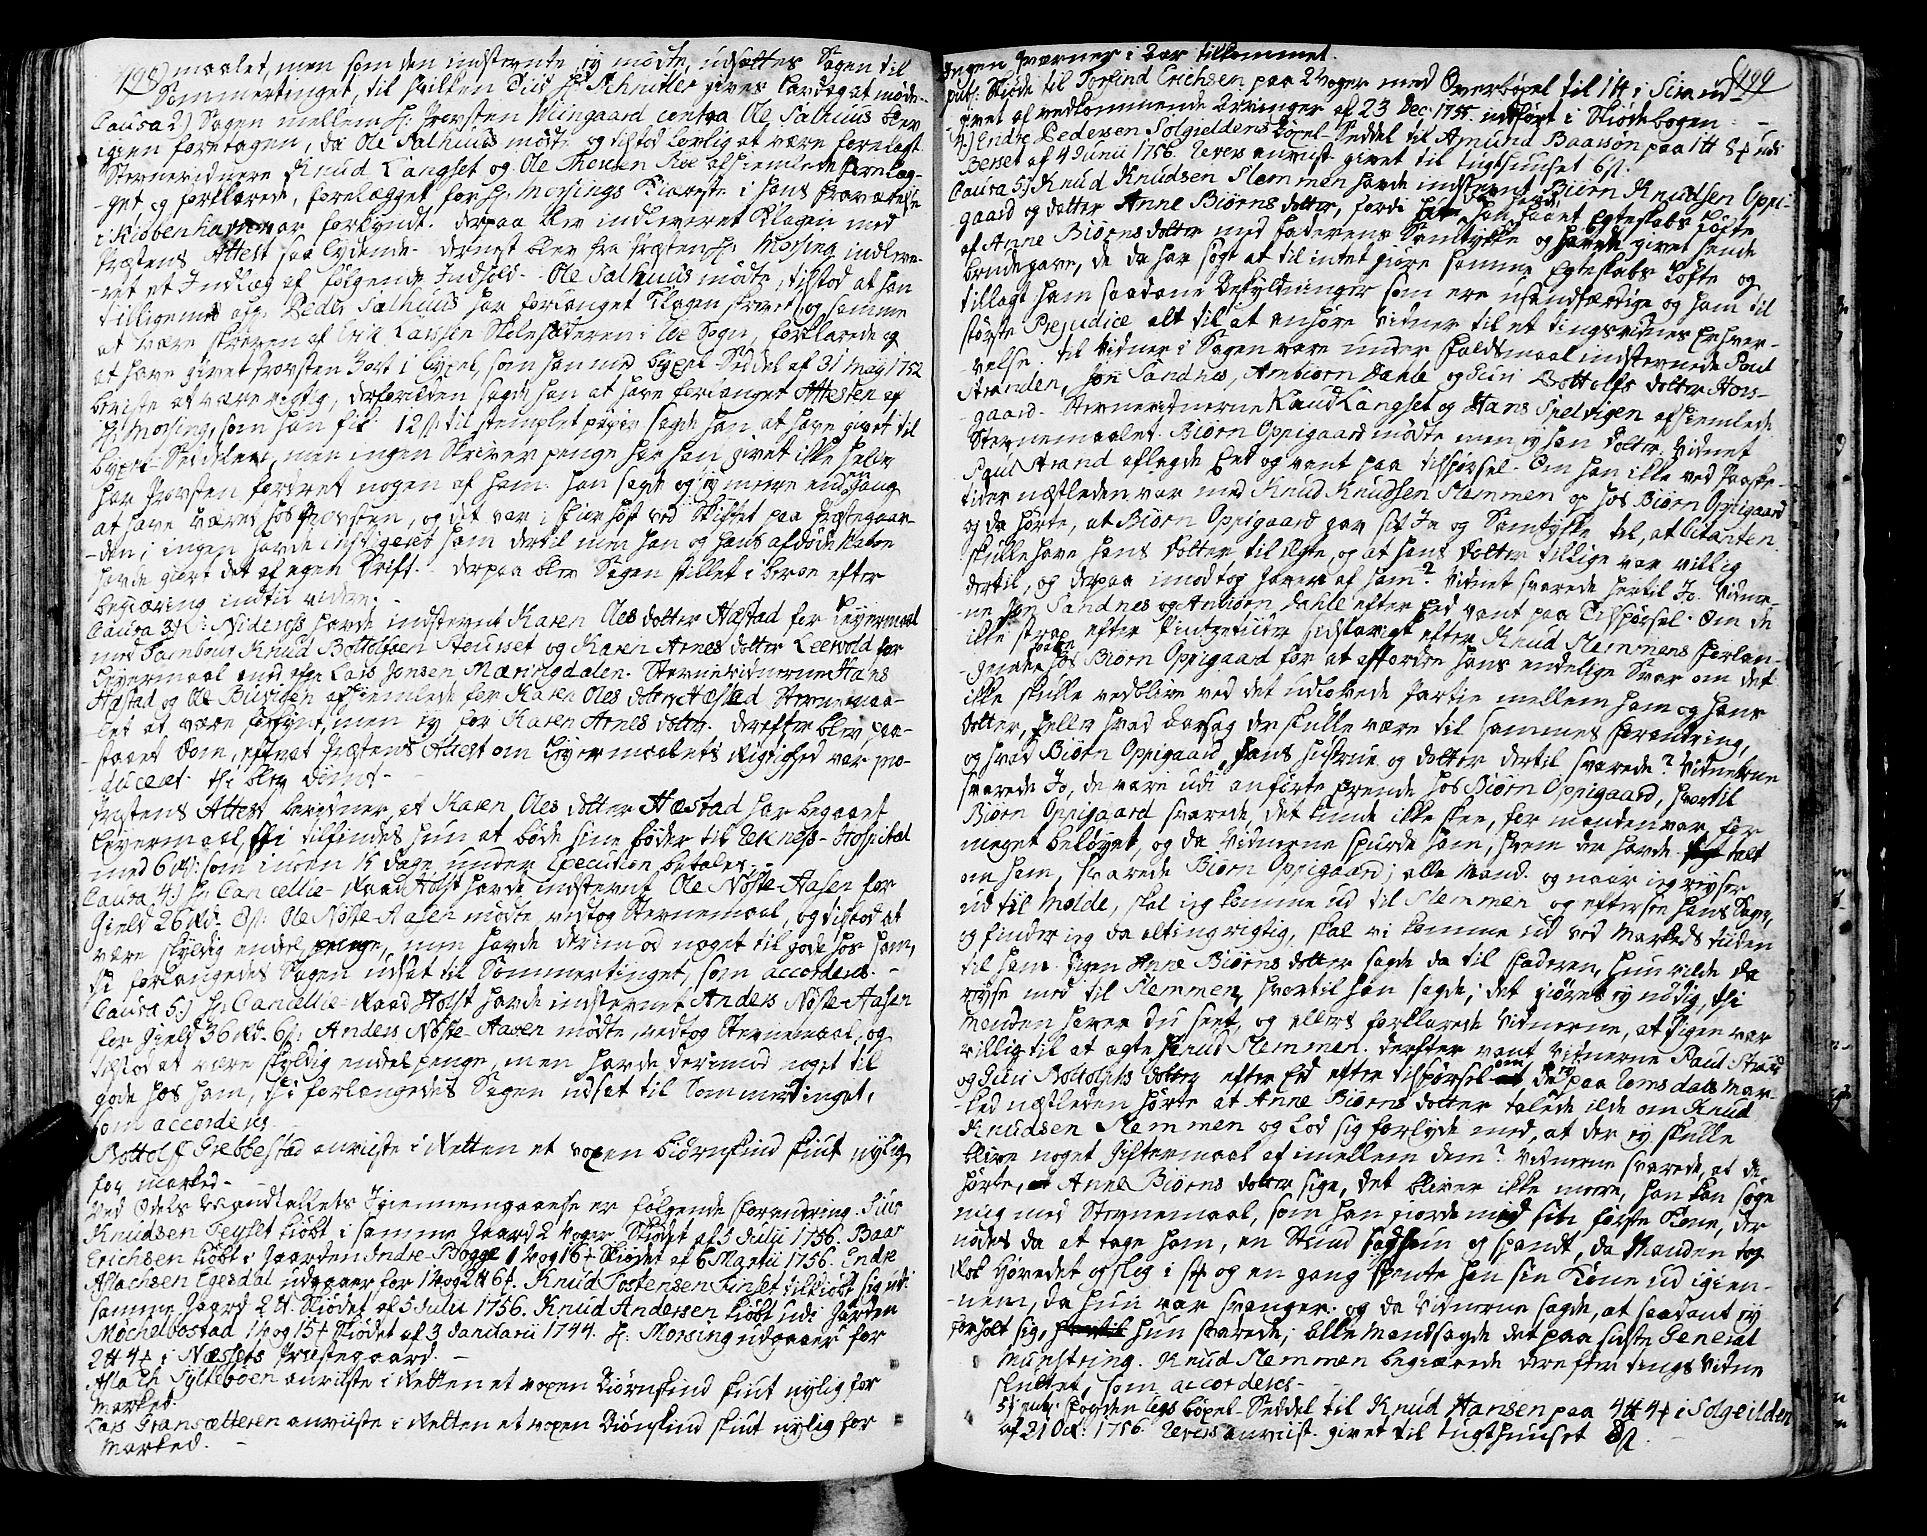 SAT, Romsdal sorenskriveri, 1/1A/L0013: Tingbok, 1749-1757, s. 498-499